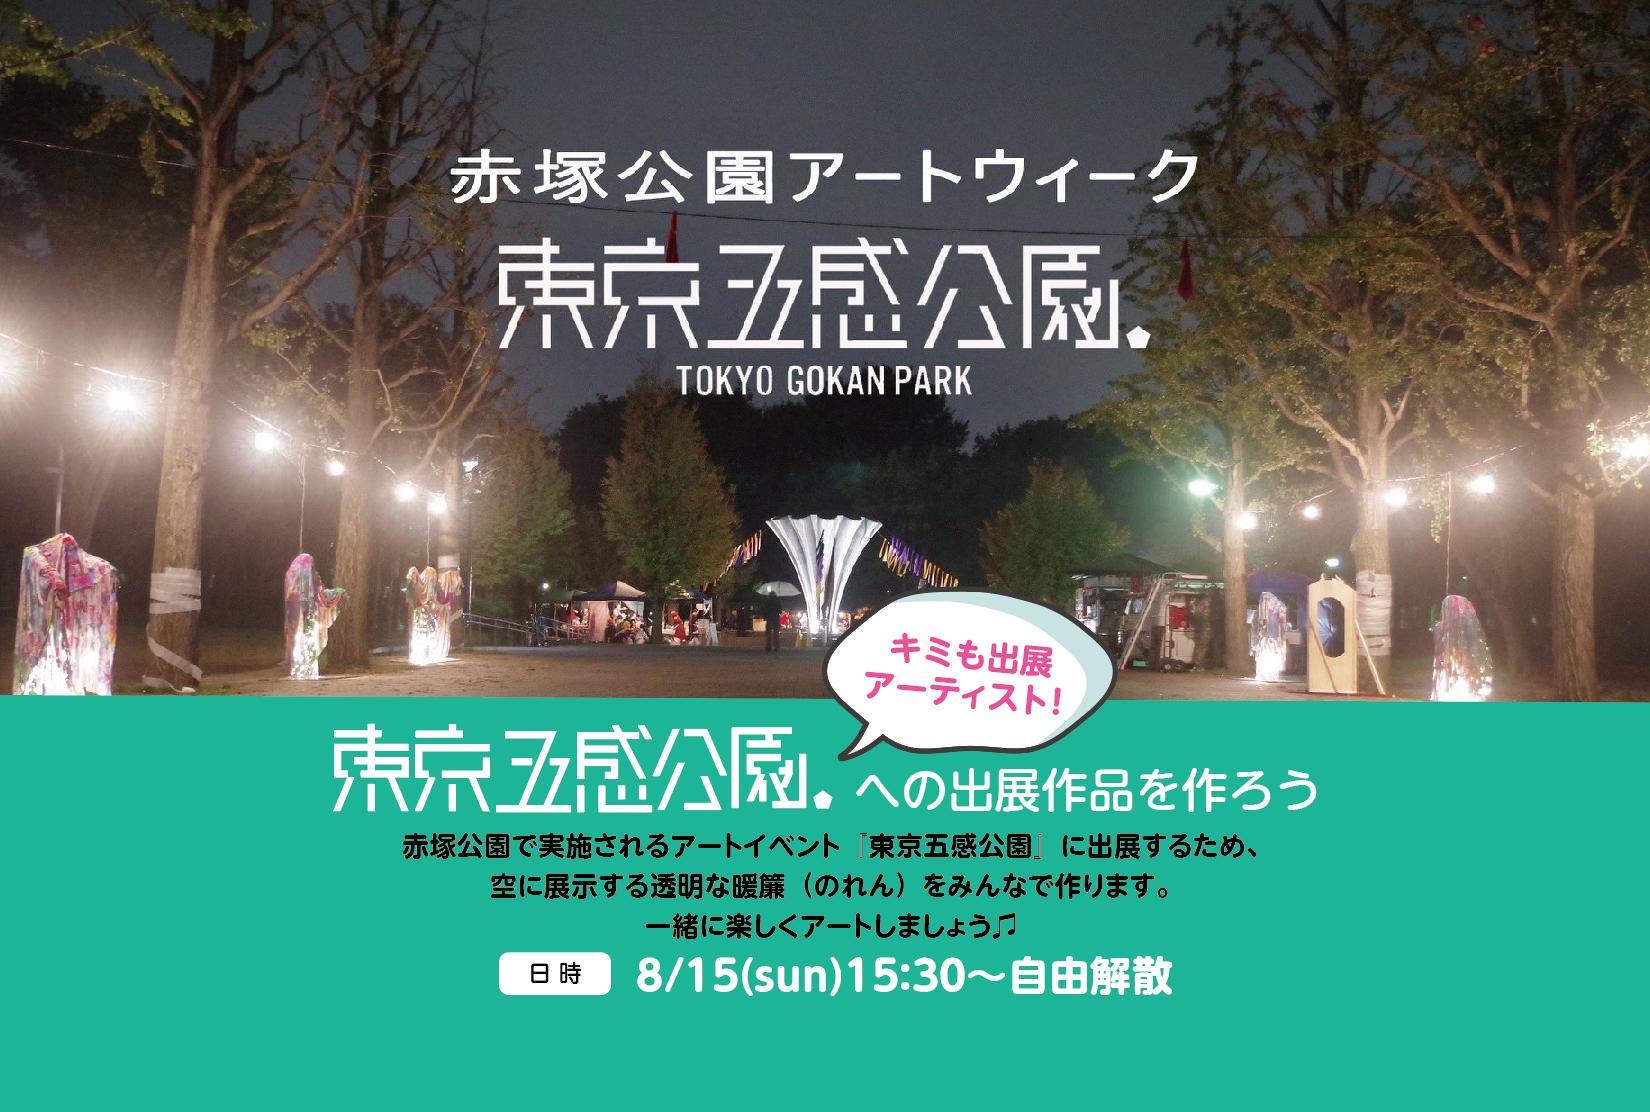 アートイベントに参加しよう〔8/15(日)15:30〜〕